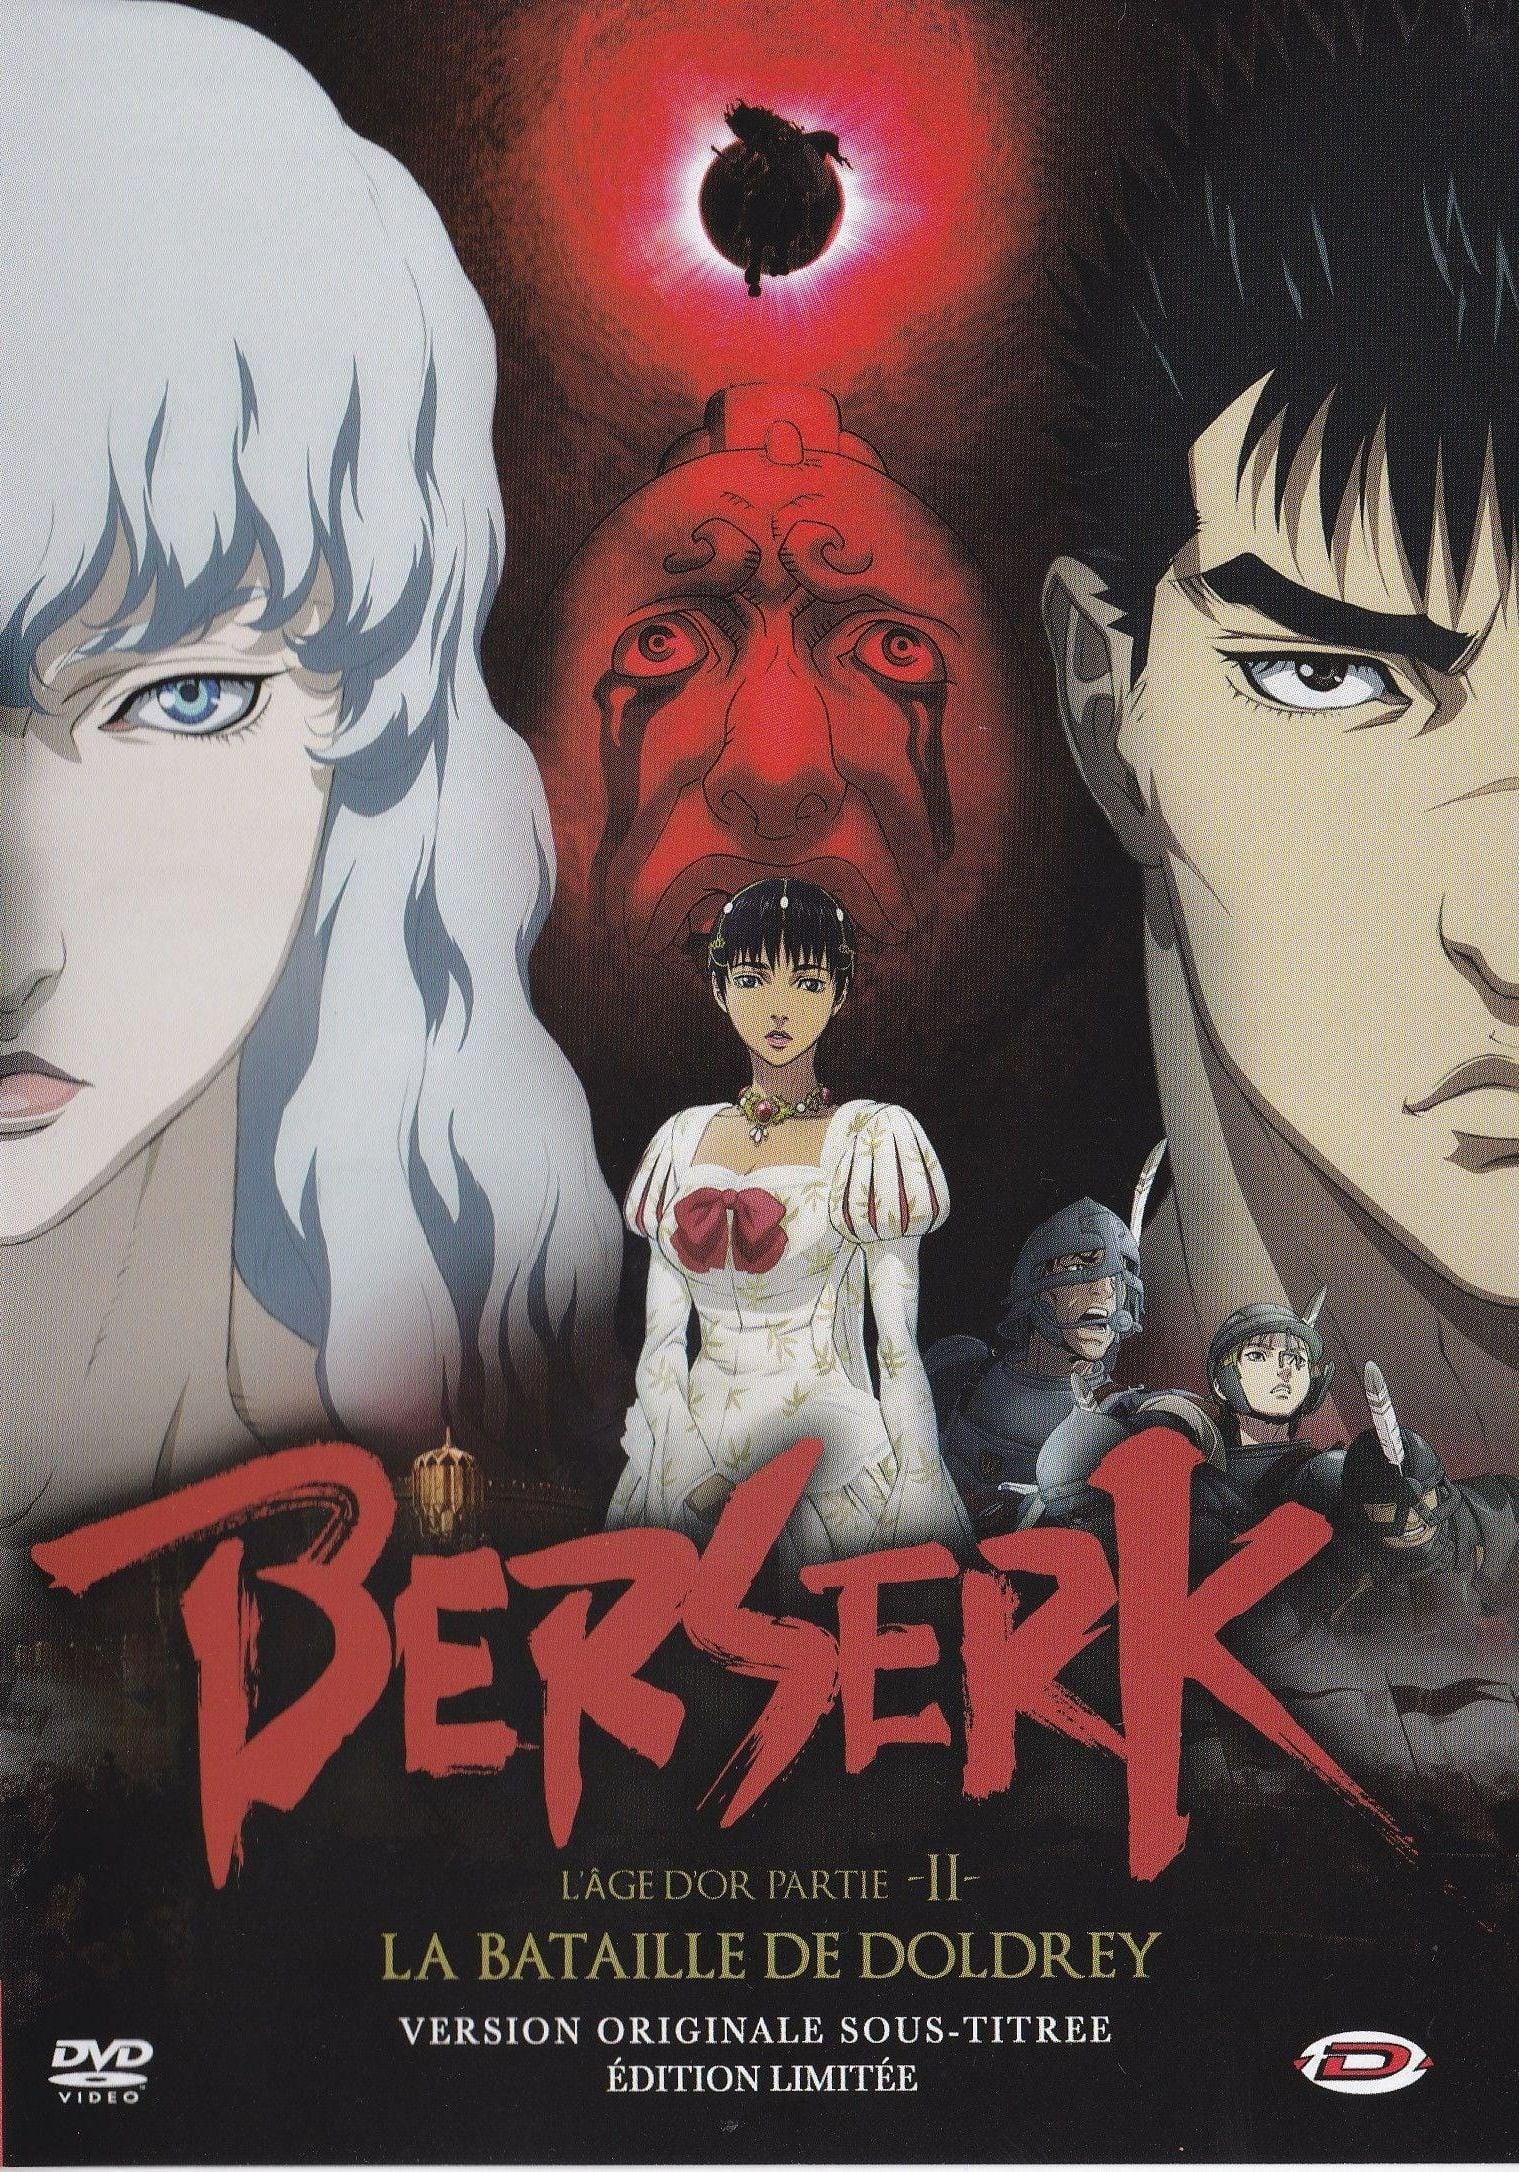 Berserk, l'âge d'or - Partie 2 - La Bataille de Doldrey